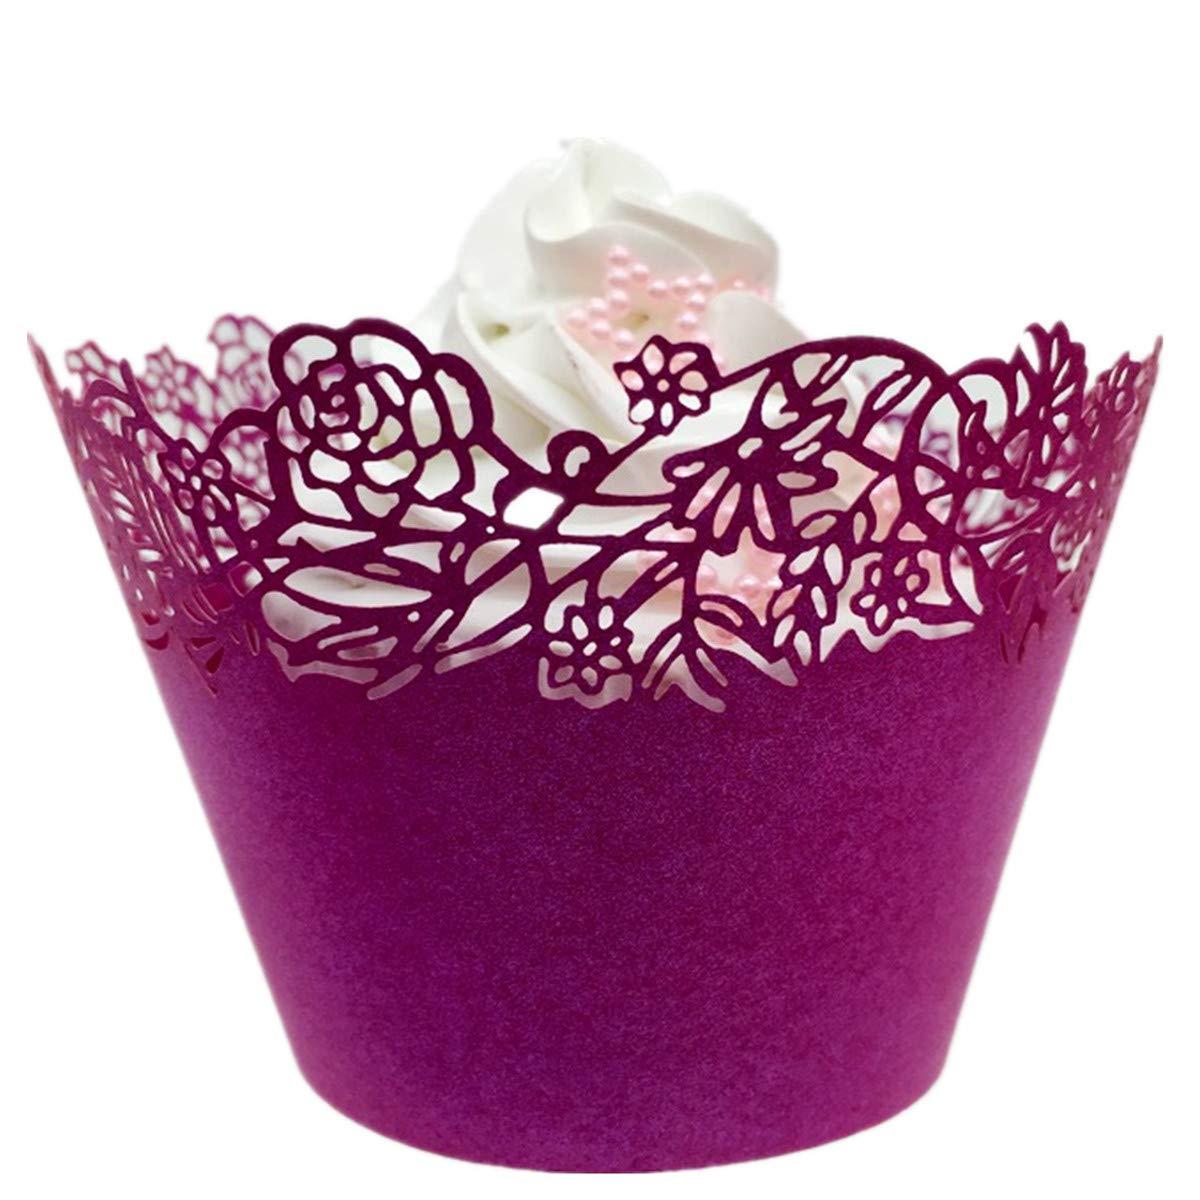 120 pcsレーザーカットカップケーキラッパーライナーベーキングカップマフィンケーストレイウェディング誕生日パーティー装飾 – Little Rose 3 1/4